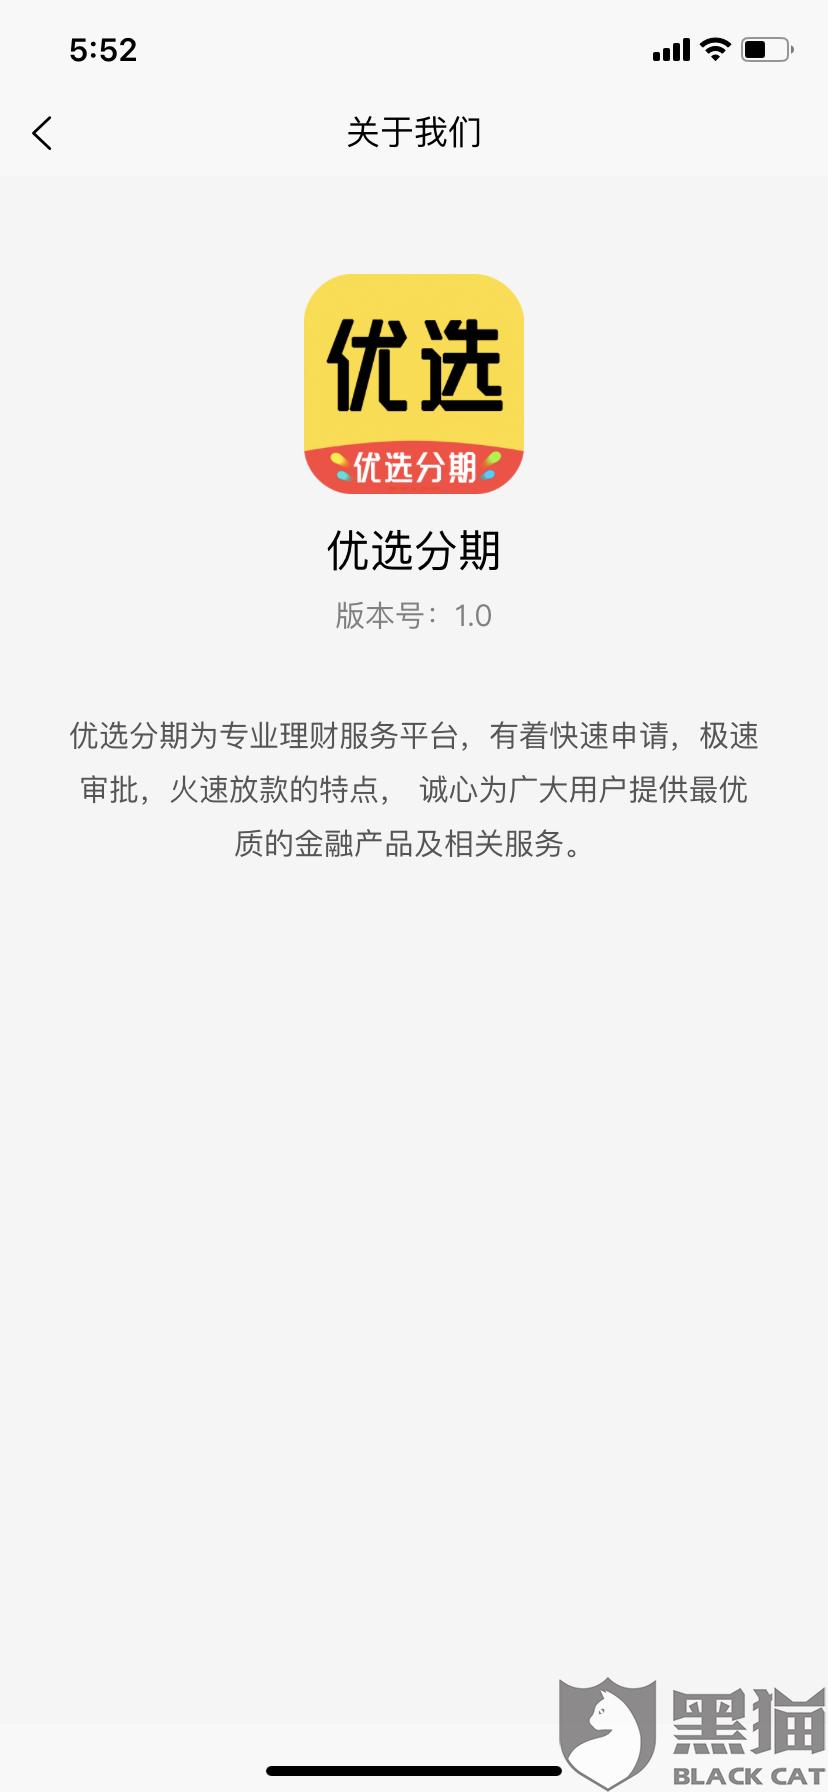 黑猫投诉:优选分期 讯联智付杨思电子恶意欺骗